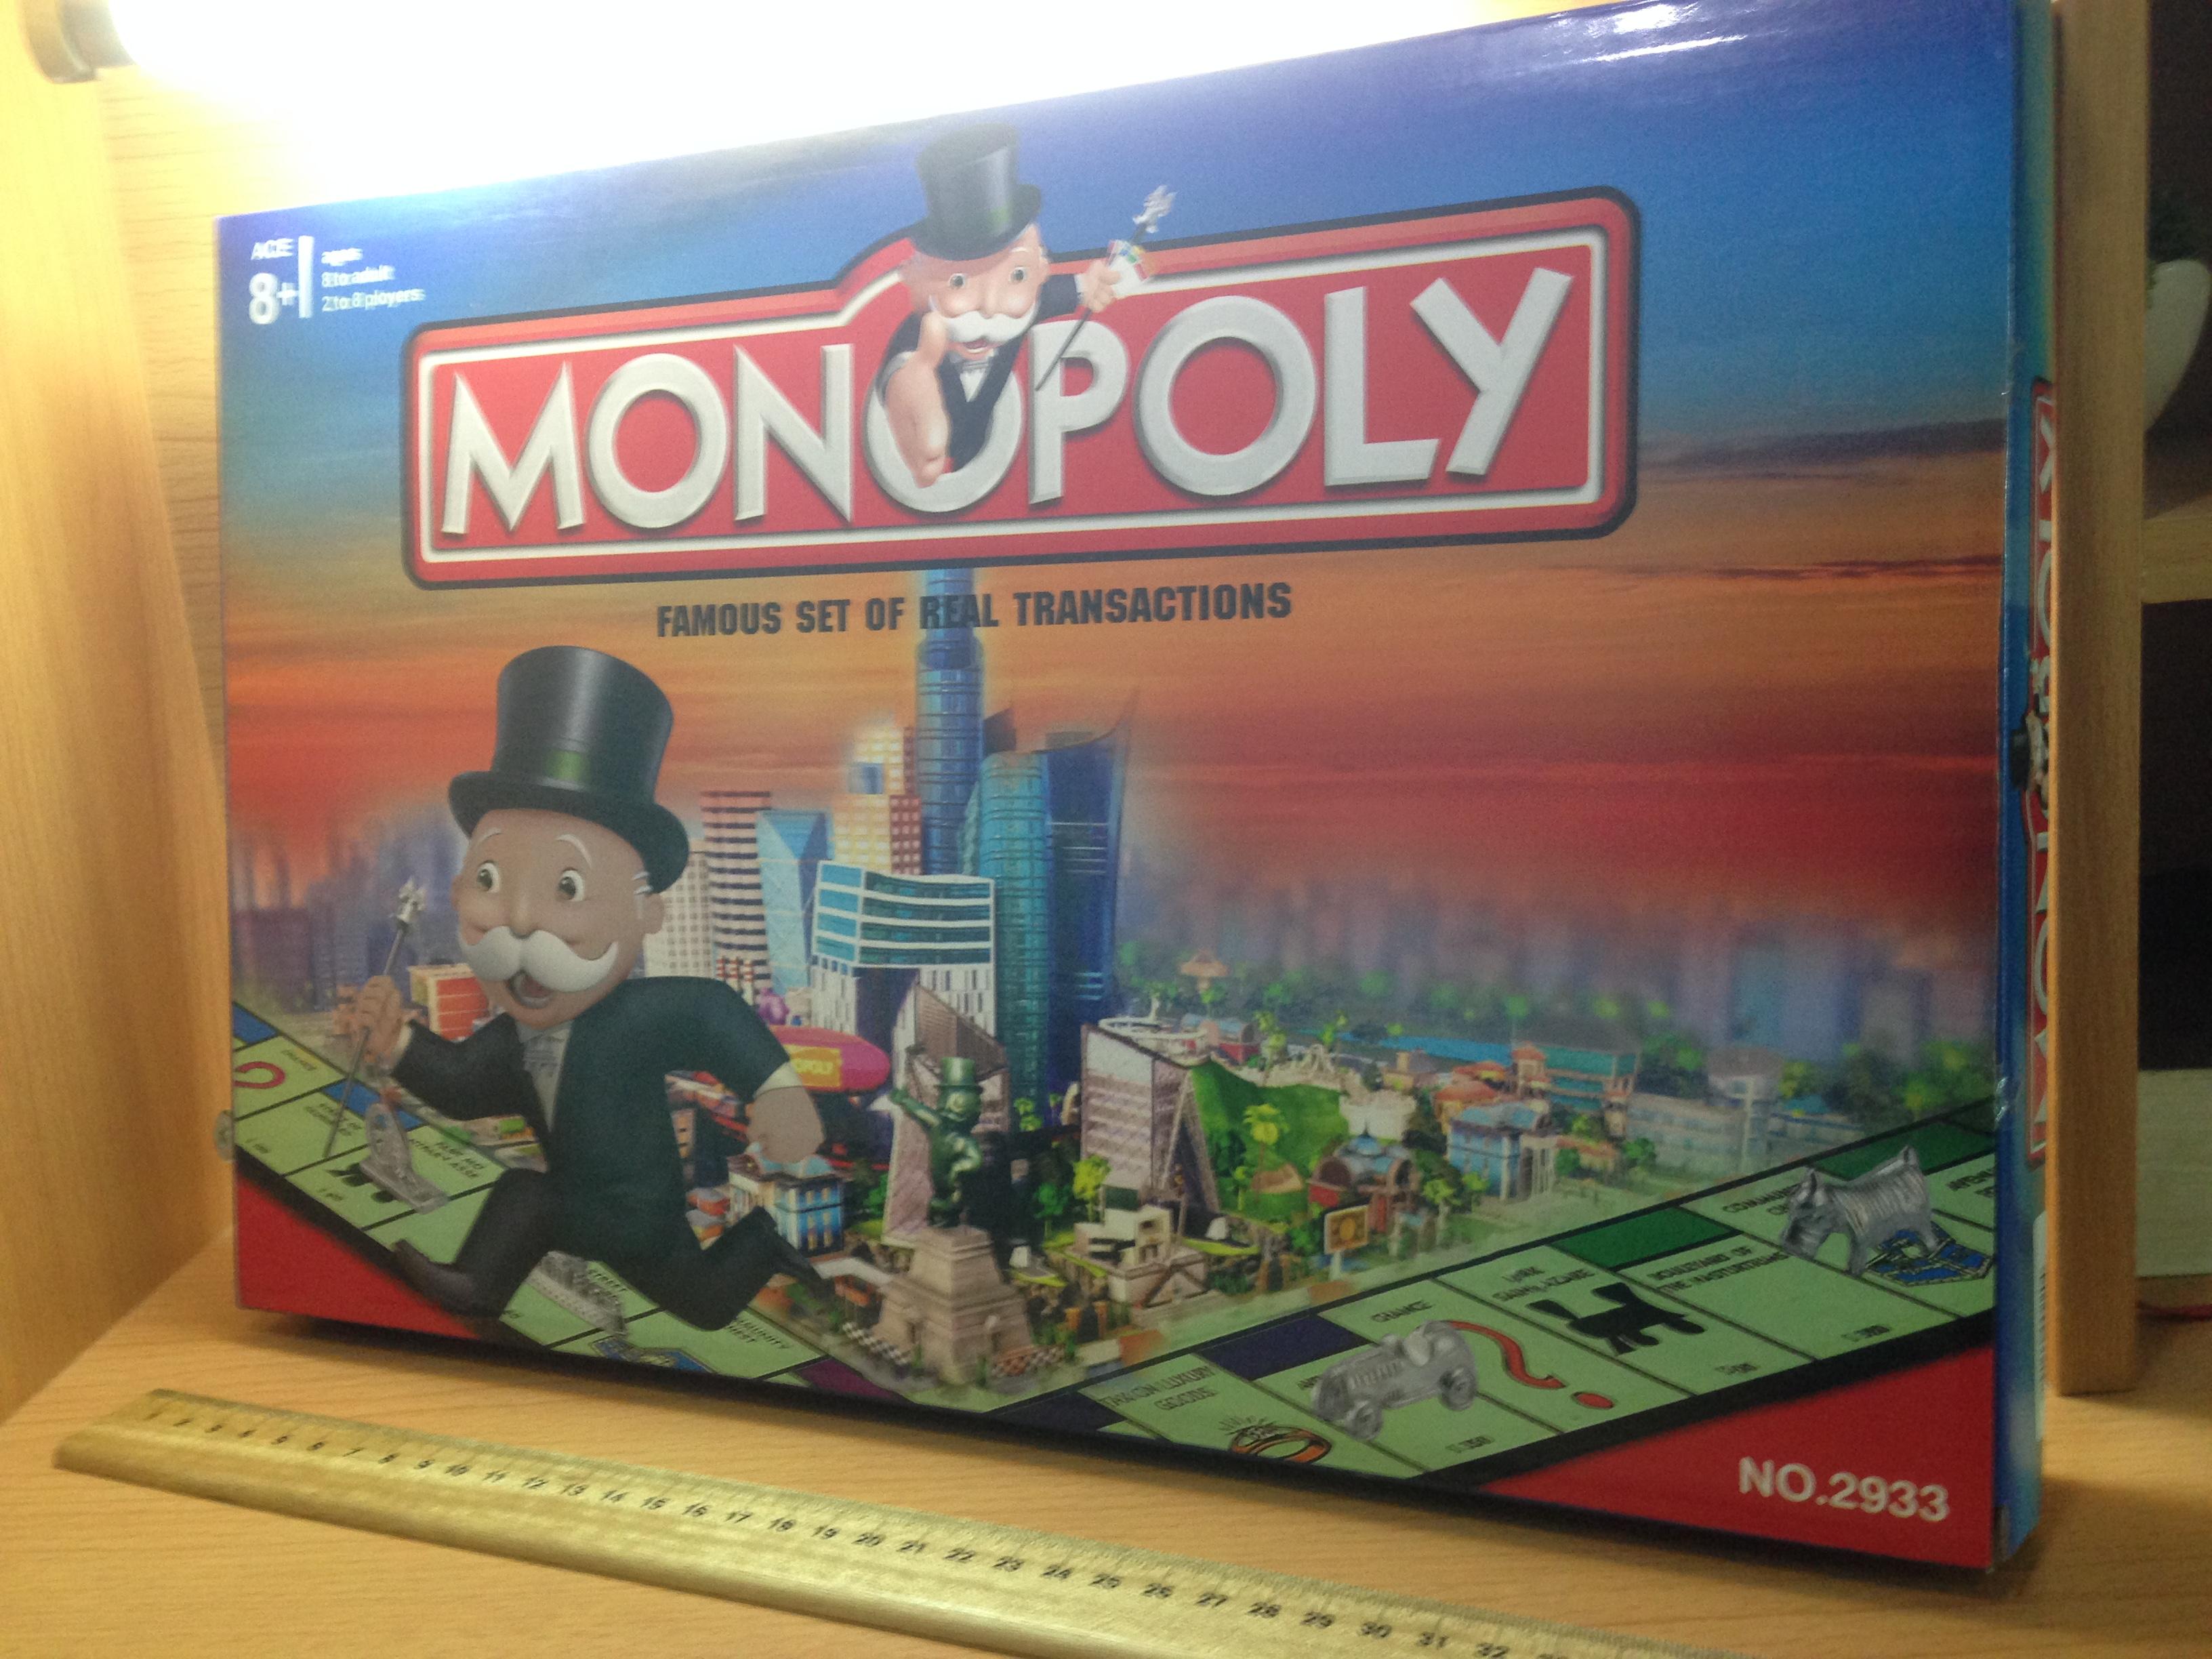 เกมเศรษฐีโมโนโพลี่ชุดมาตรฐาน